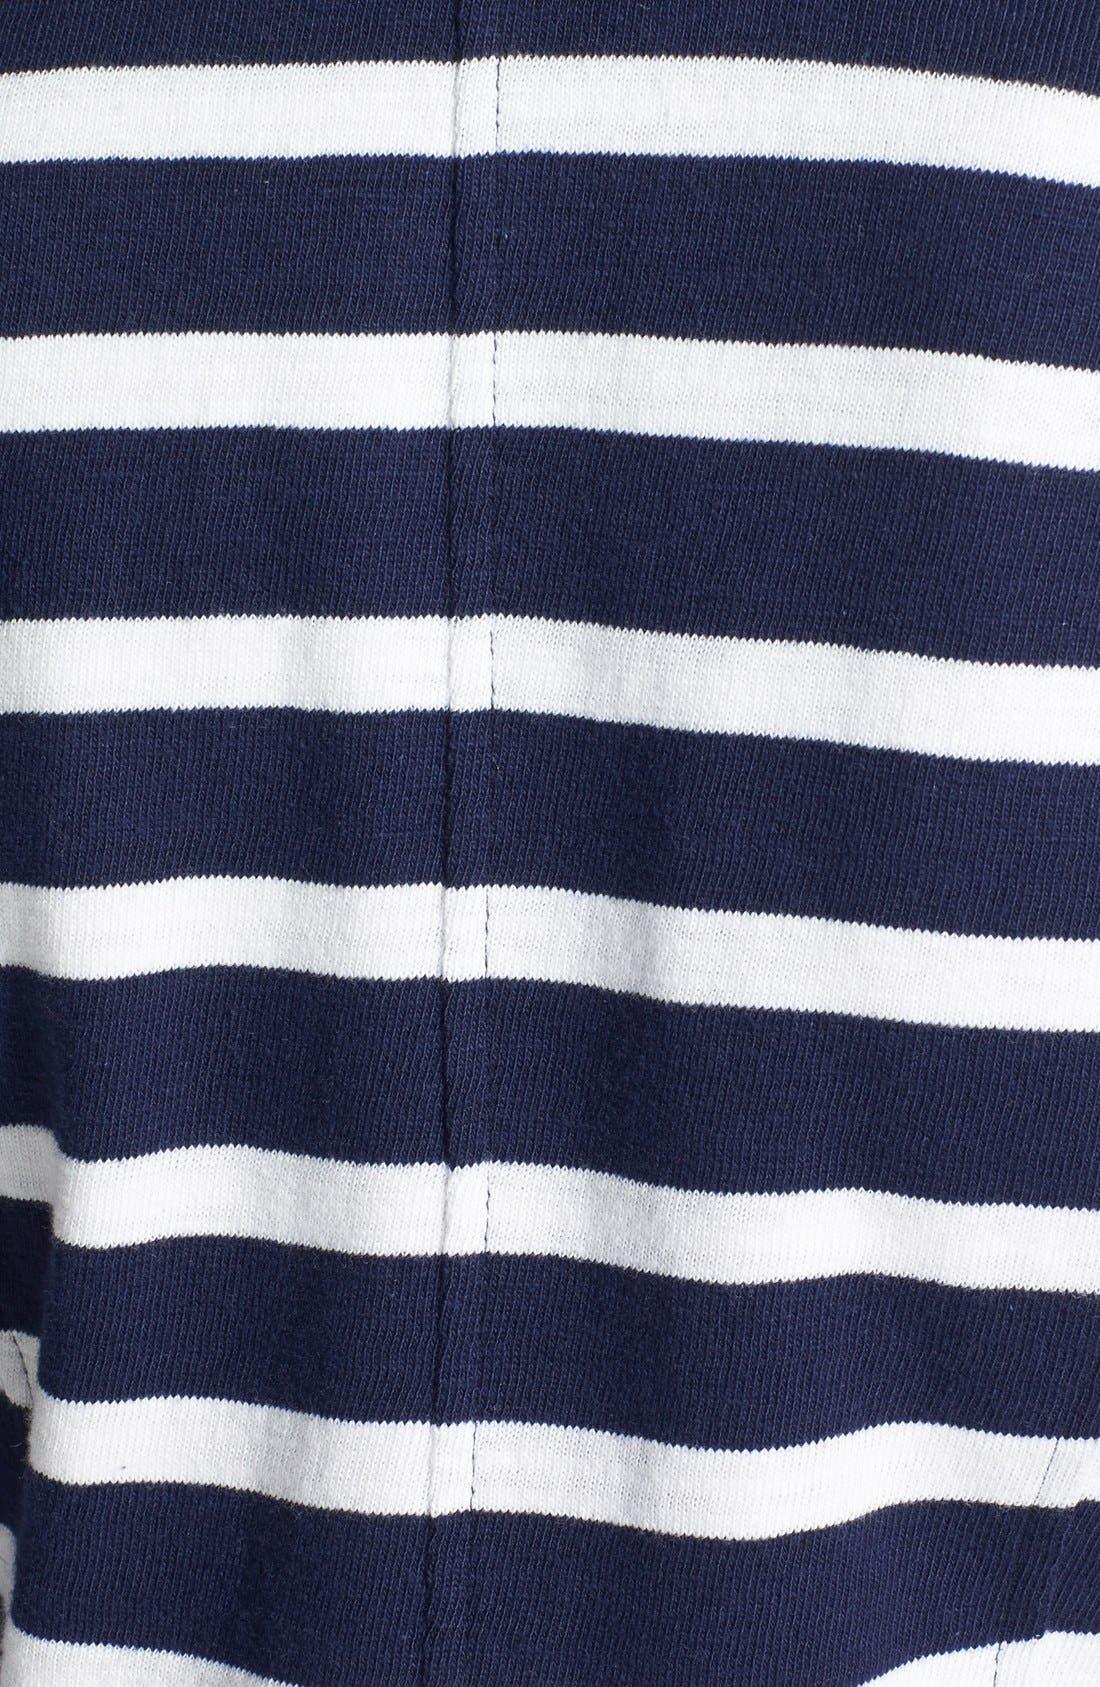 Cotton Knit Jacket,                             Alternate thumbnail 30, color,